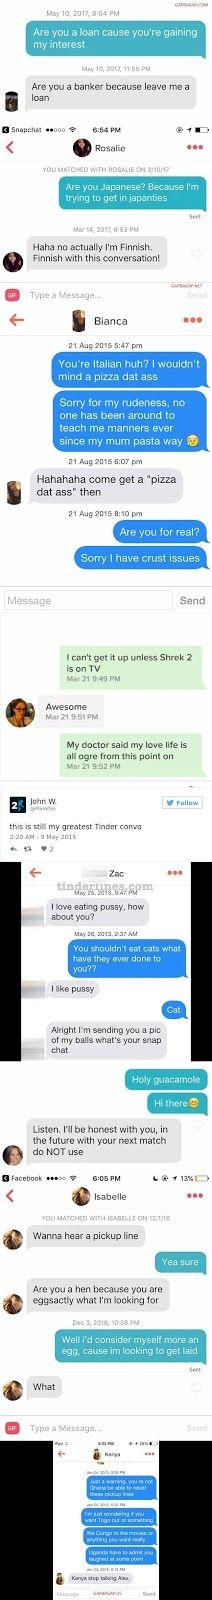 Top 8 Hilarious Tinder Pickup Lines